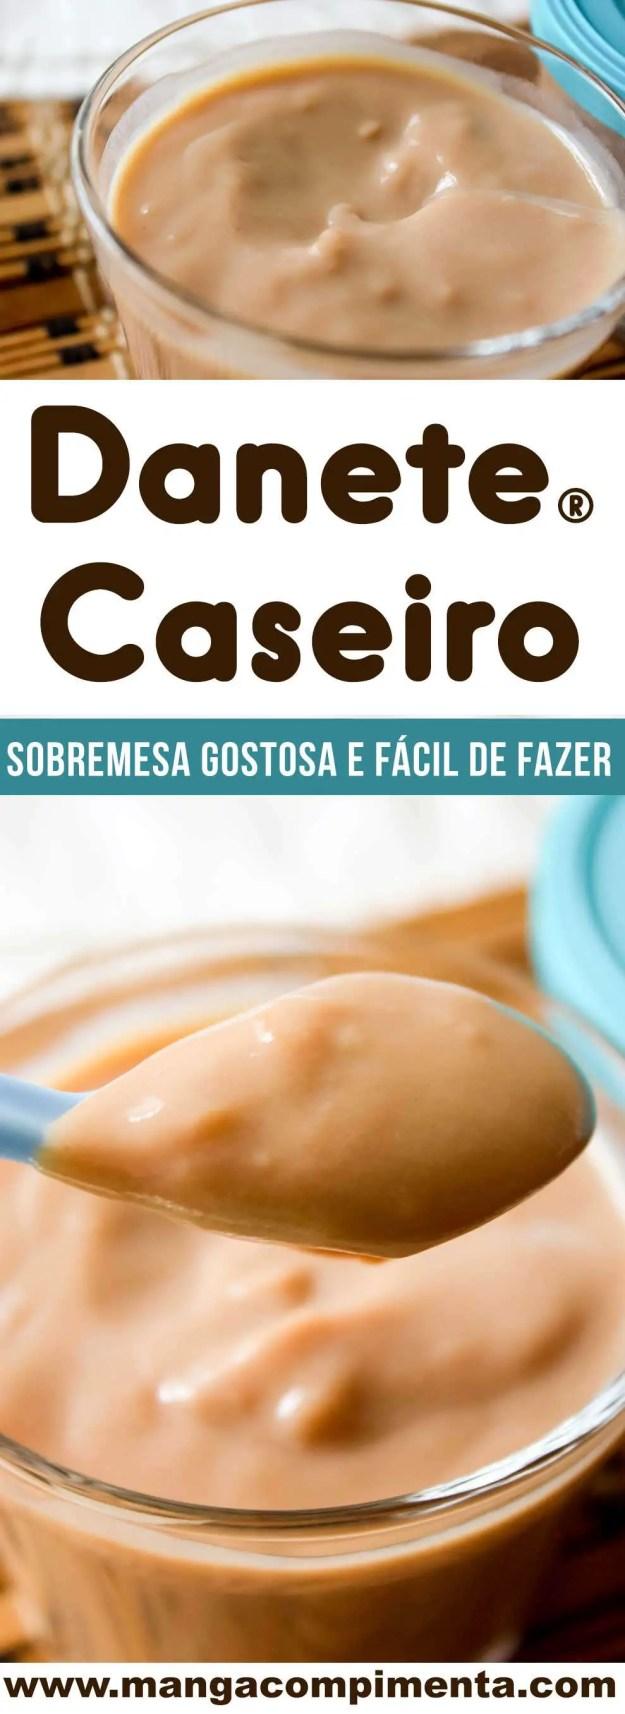 Receita de Danete Caseiro - um doce de chocolate caseiro delicioso para a sobremesa depois do almoço.